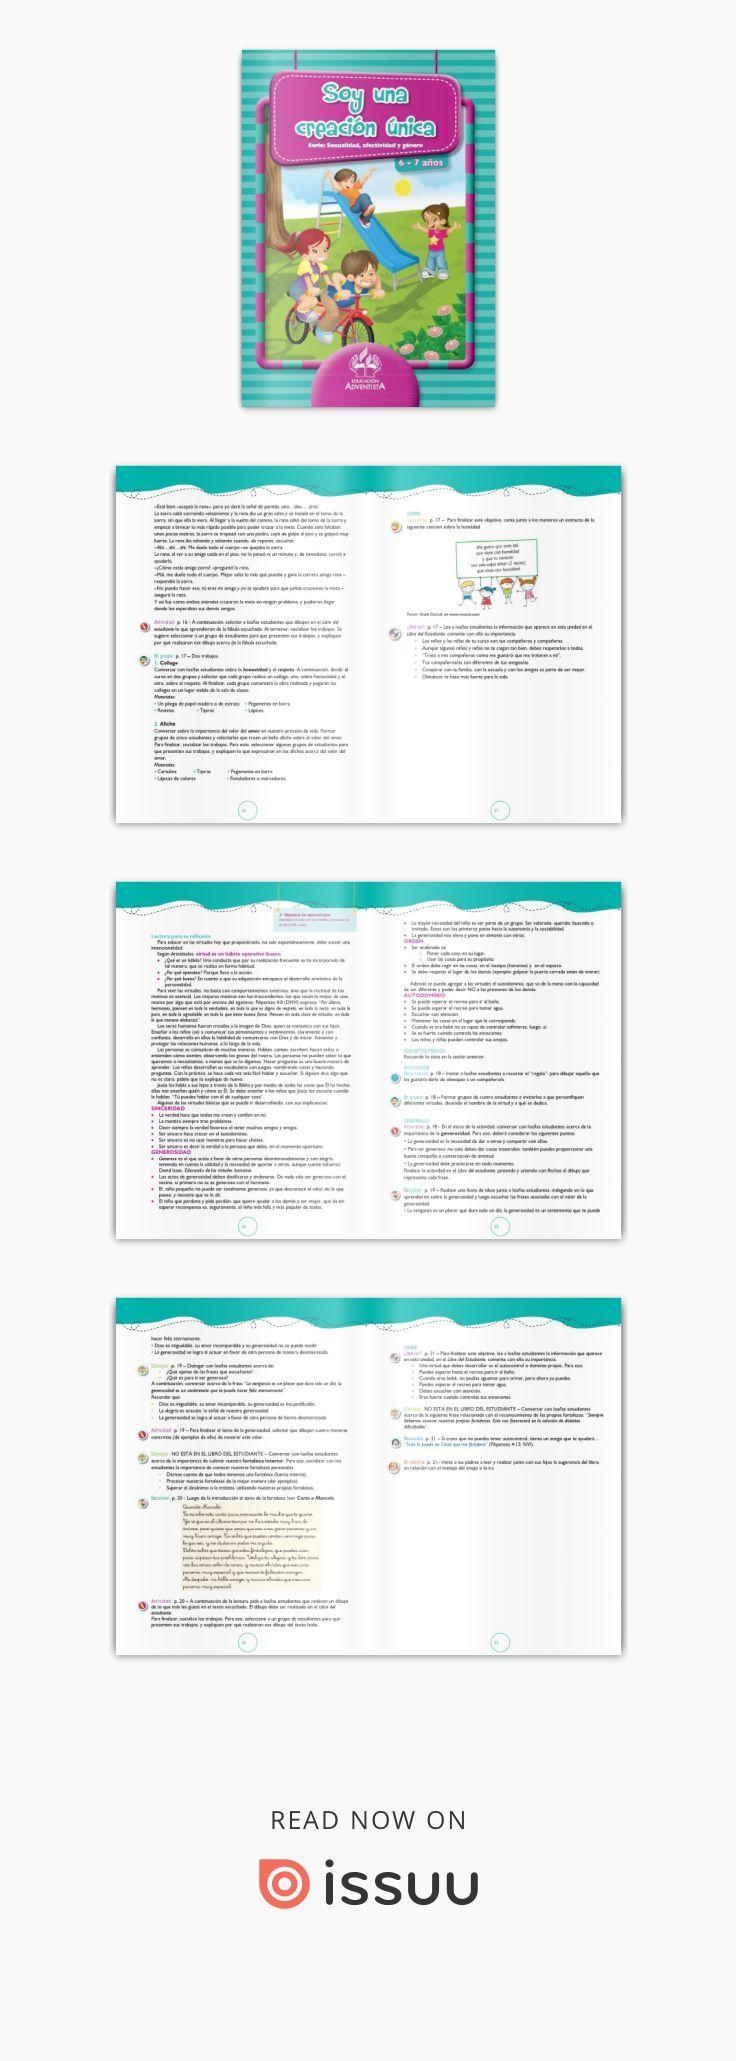 Soy una creación única - 6 y 7 años - GD  Guía gratuita para el docente que utiliza los libros de la serie Sexualidad editados por ACES Educación para la red hispana de Educación Adventista de Sudamérica. Corresponde a libros 3 y 4 de la serie.